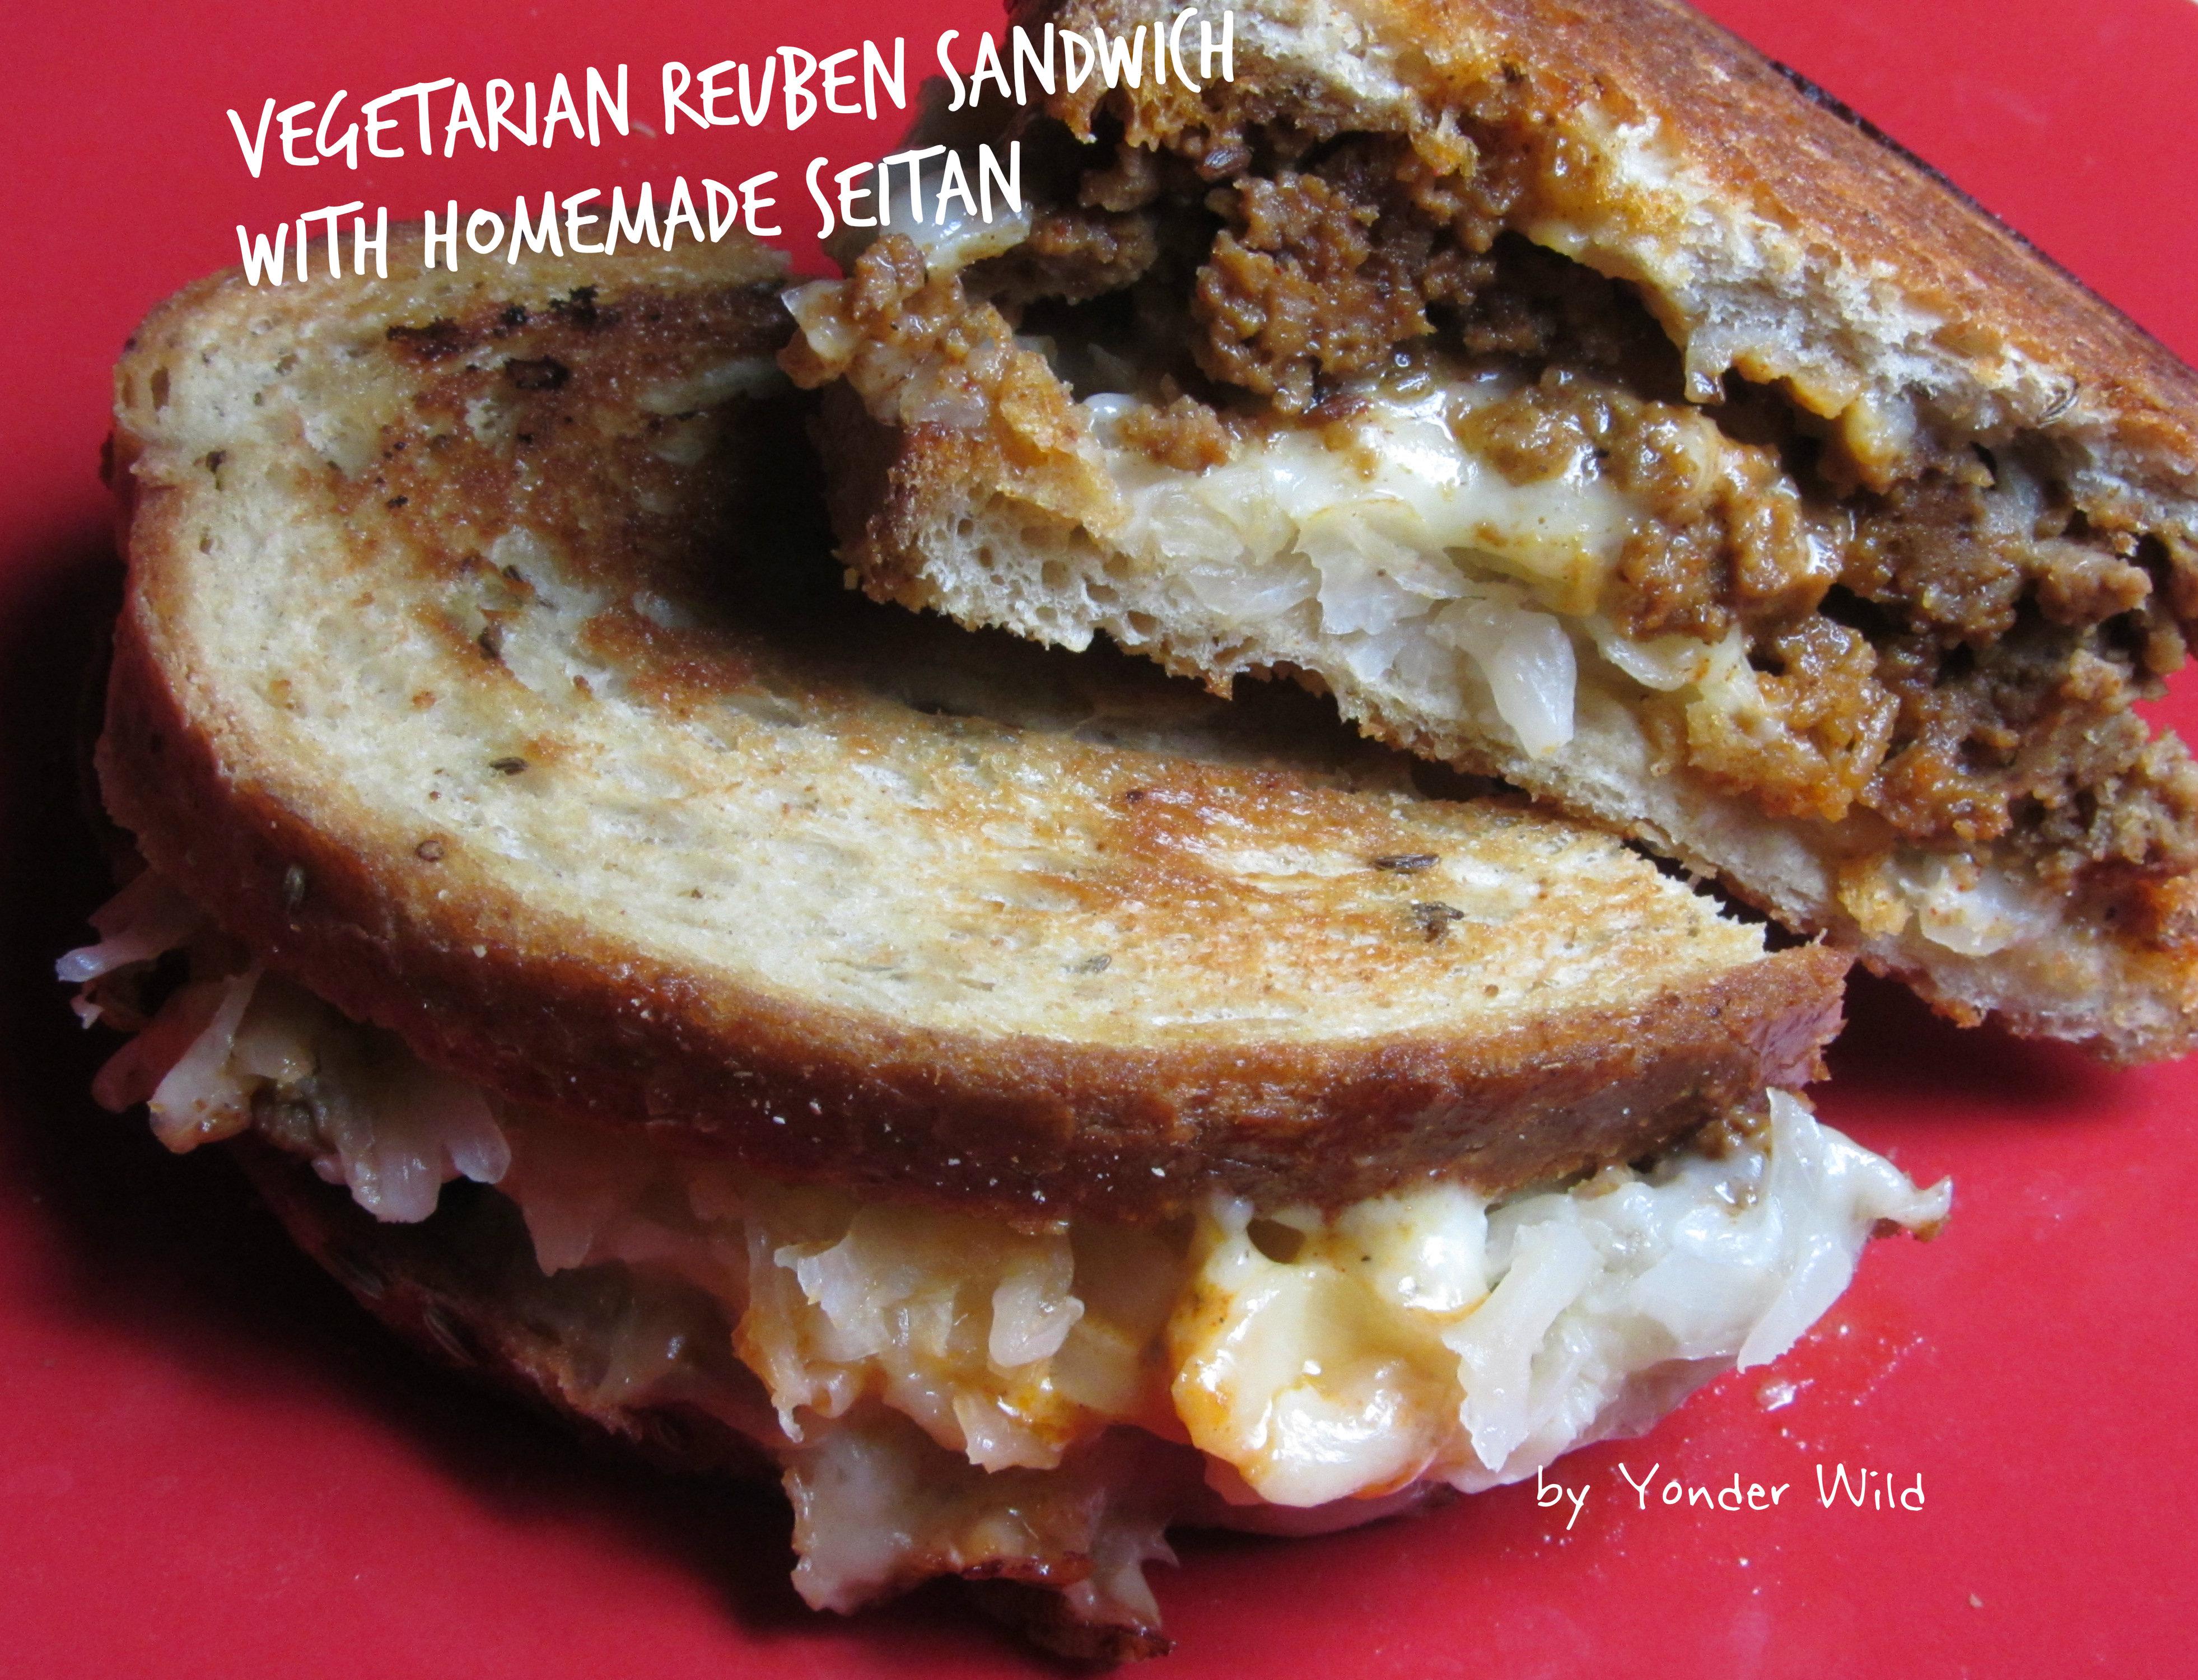 Vegetarian Reuben Sandwiches with Homemade Seitan | Yonder Wild